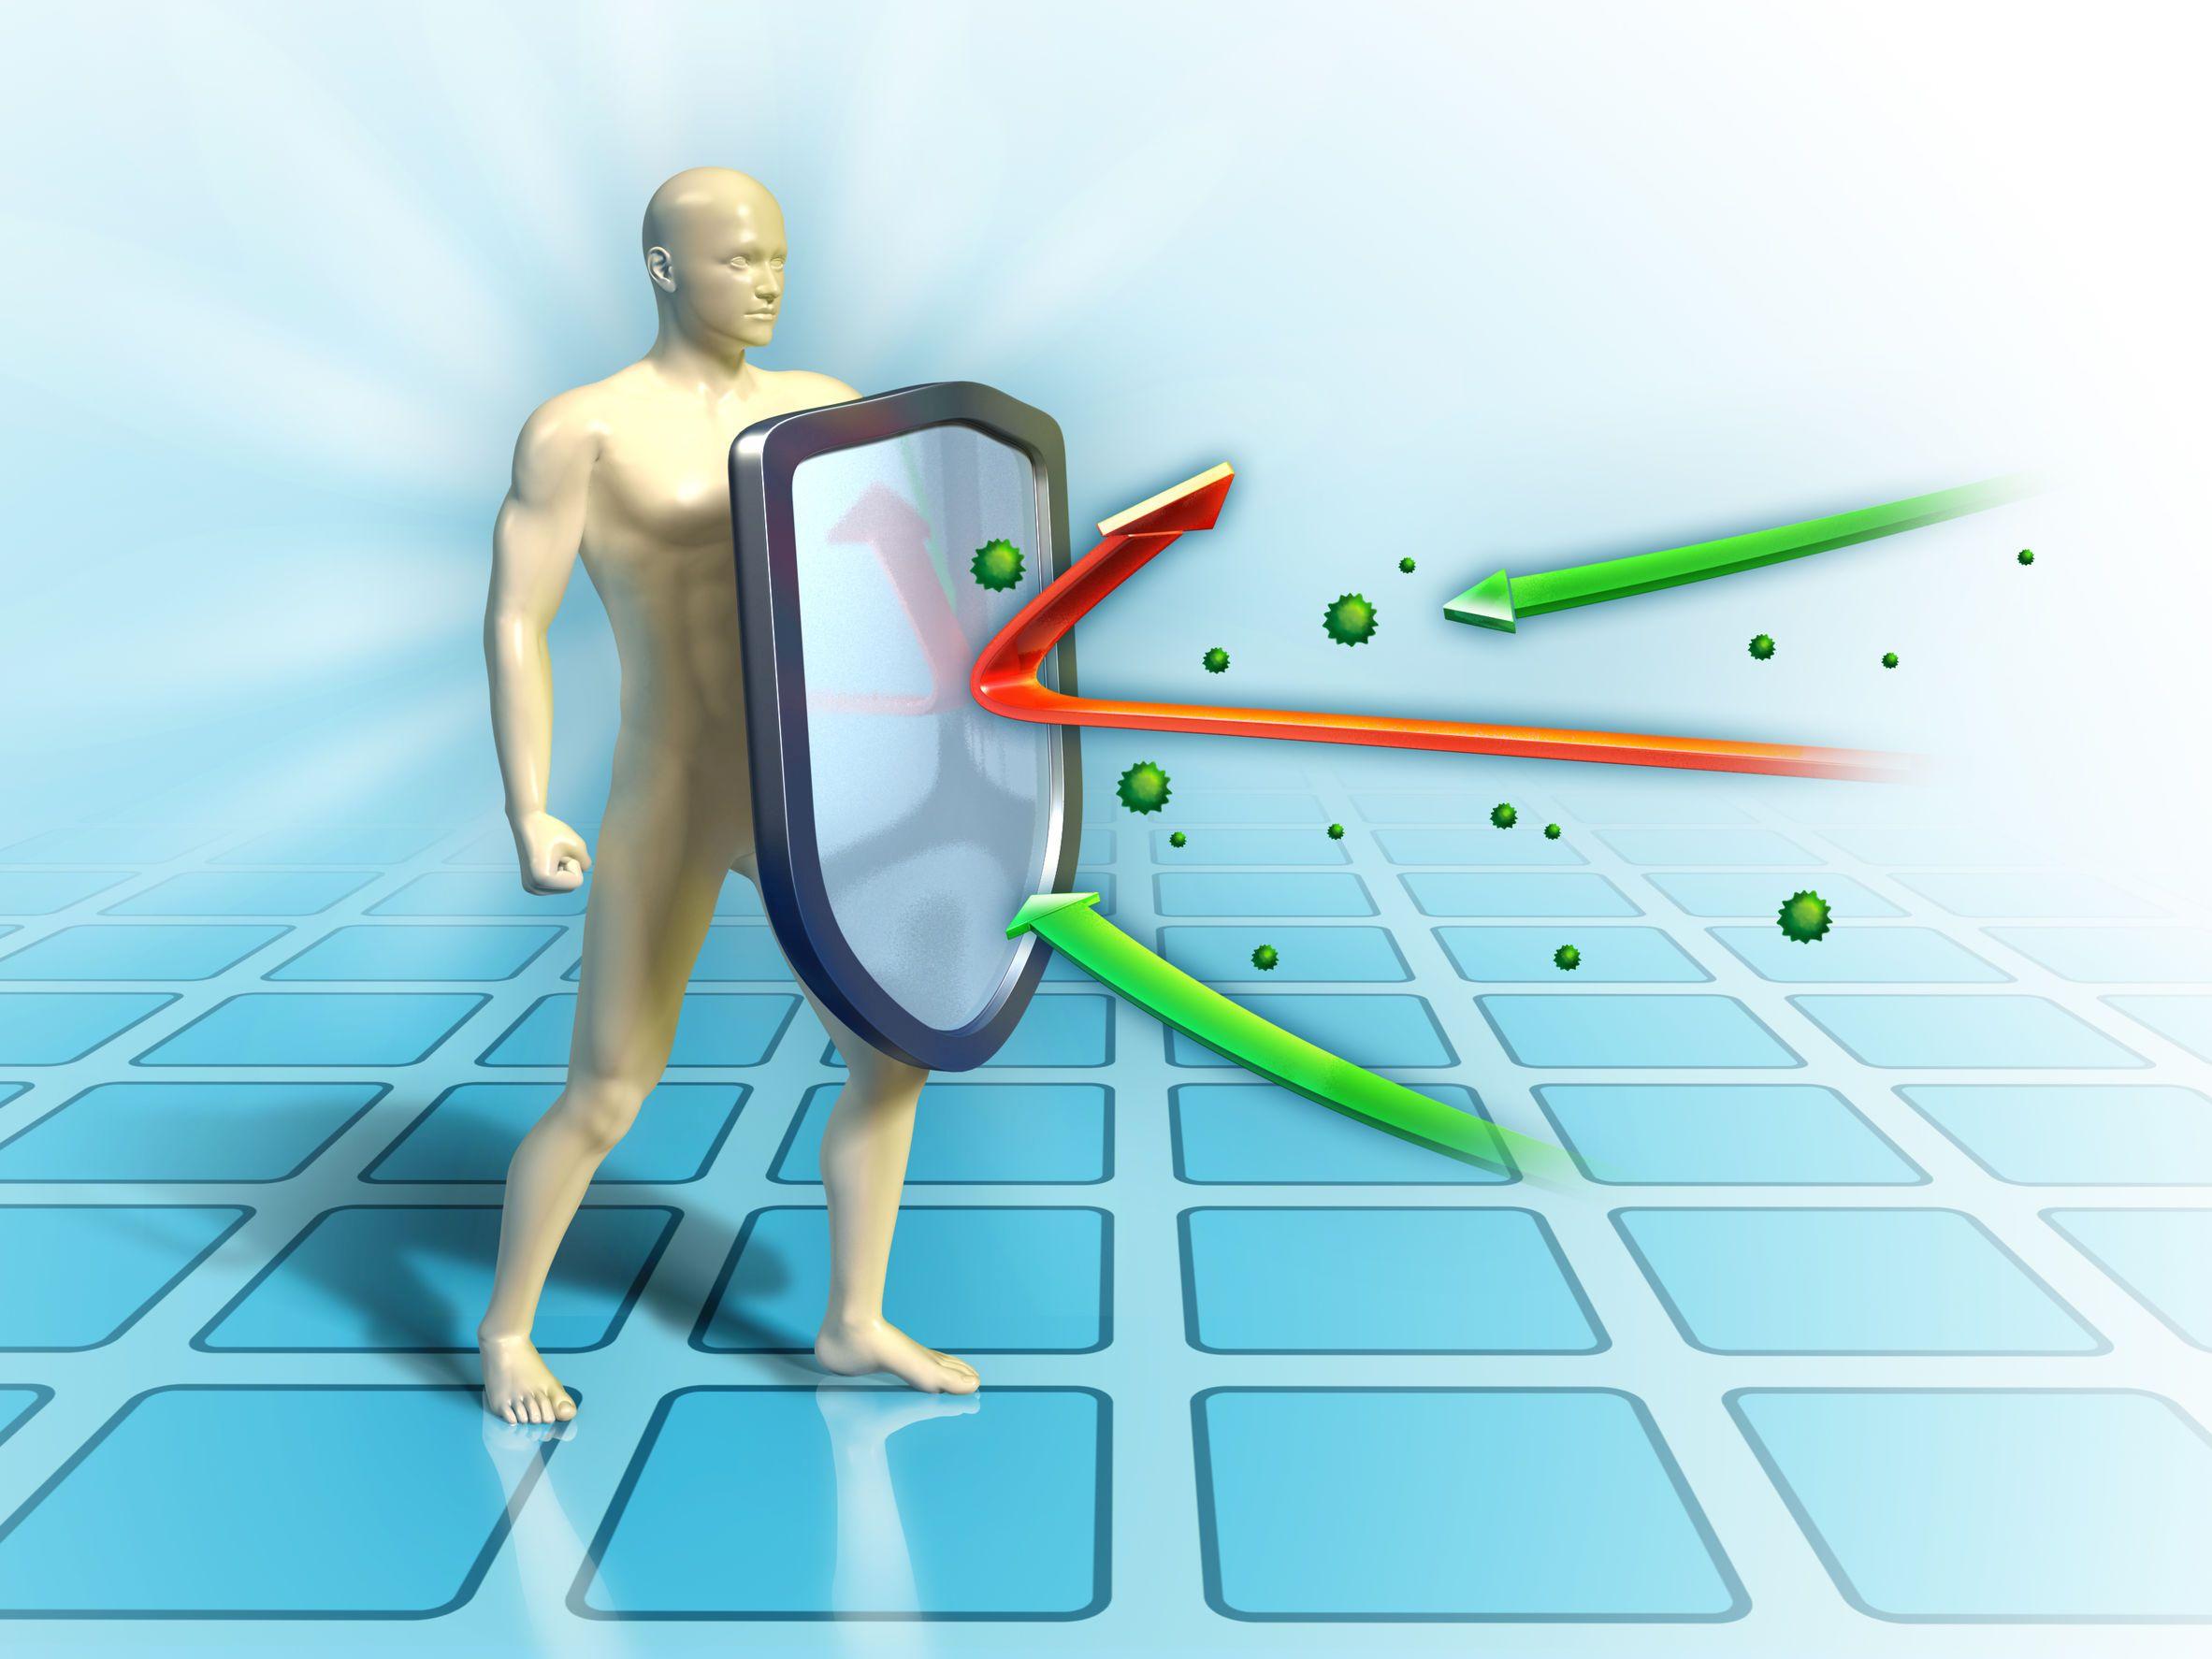 diffúz kötőszöveti betegség, rheumatoid arthritis